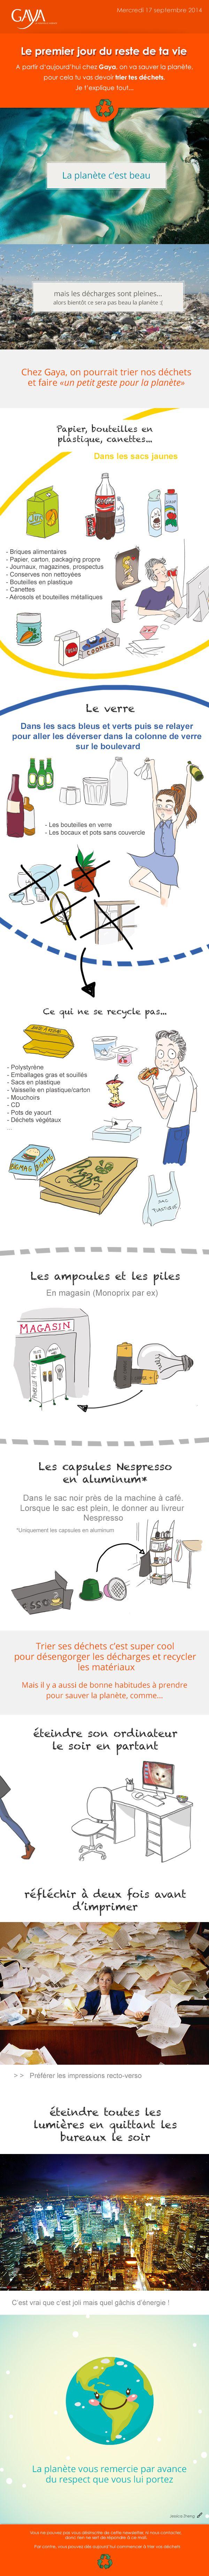 Ampoule laureen luhn design graphique - Newsletter Fait En Interne Pour Sensibiliser L Quipe Au Tri Des D Chets Gaya